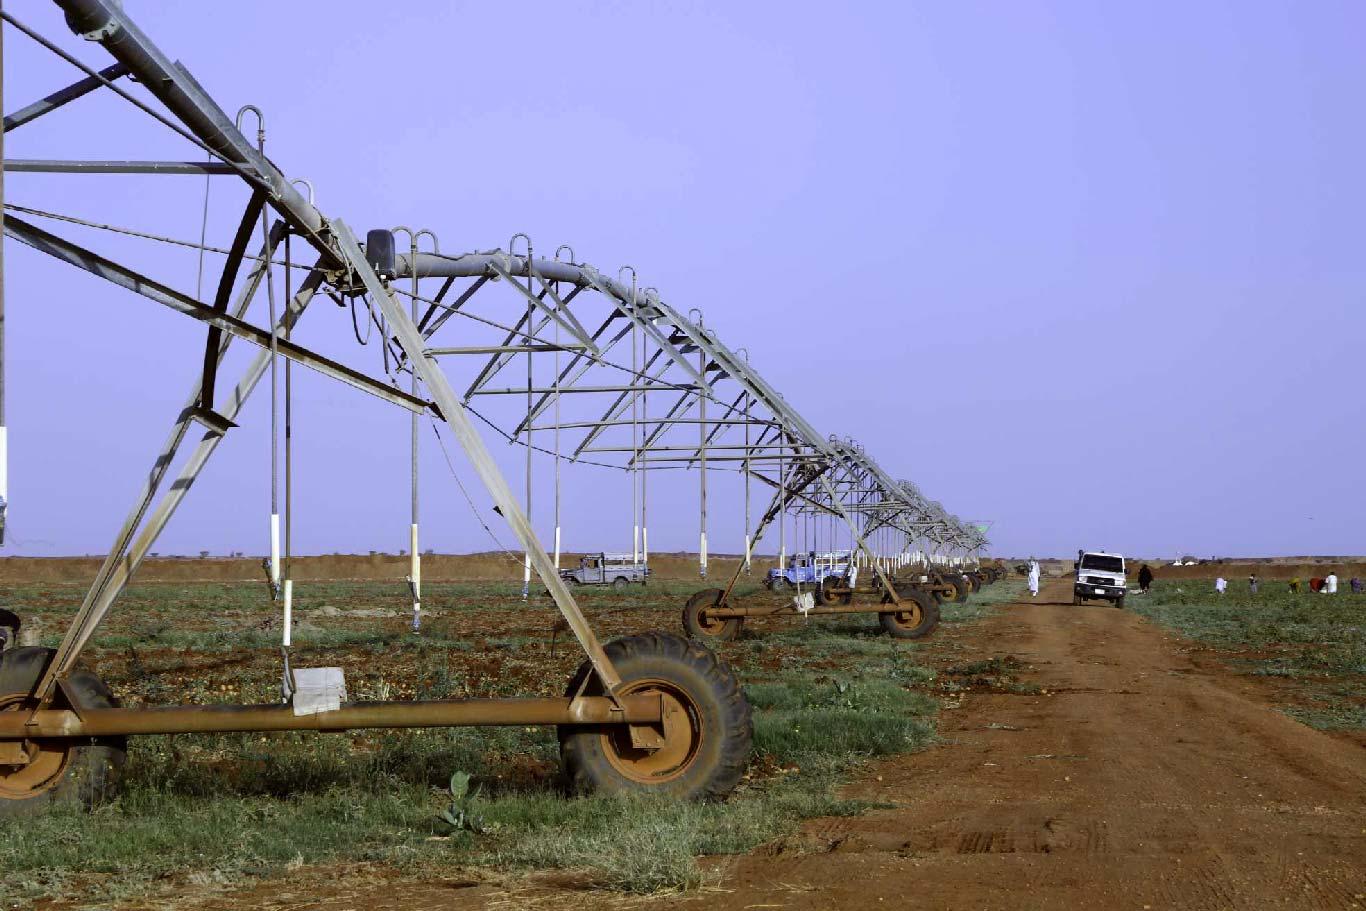 نظام الري المحوري بمشروع القمة الزراعي بالسوداني